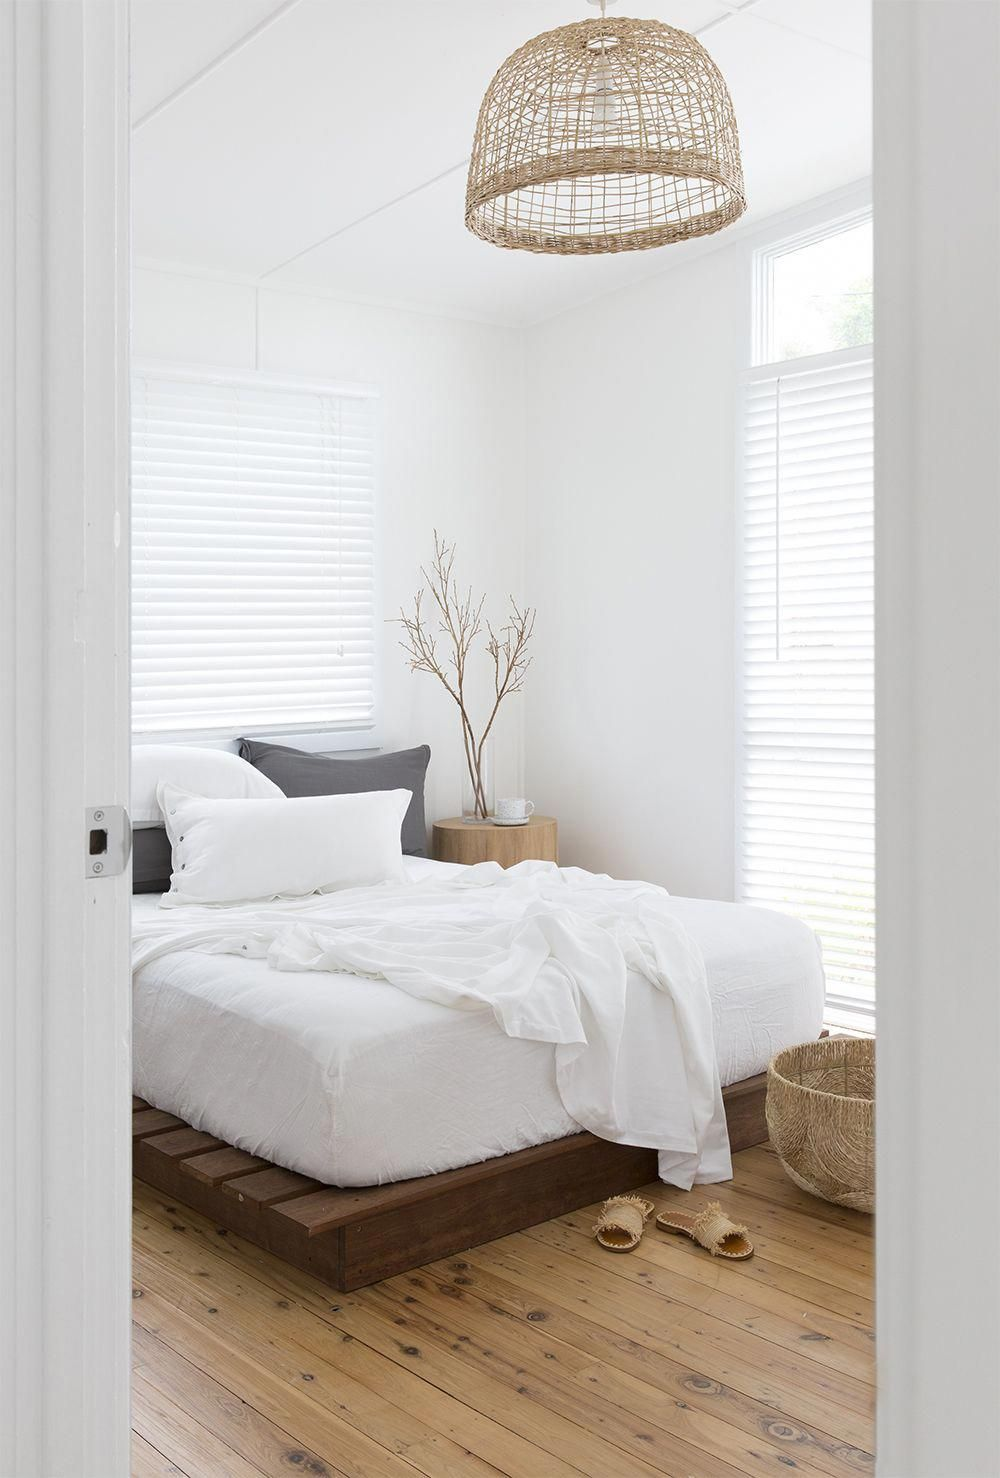 19 mẫu phòng ngủ hài hòa và thư thái theo phong cách Zen - Ảnh 9.